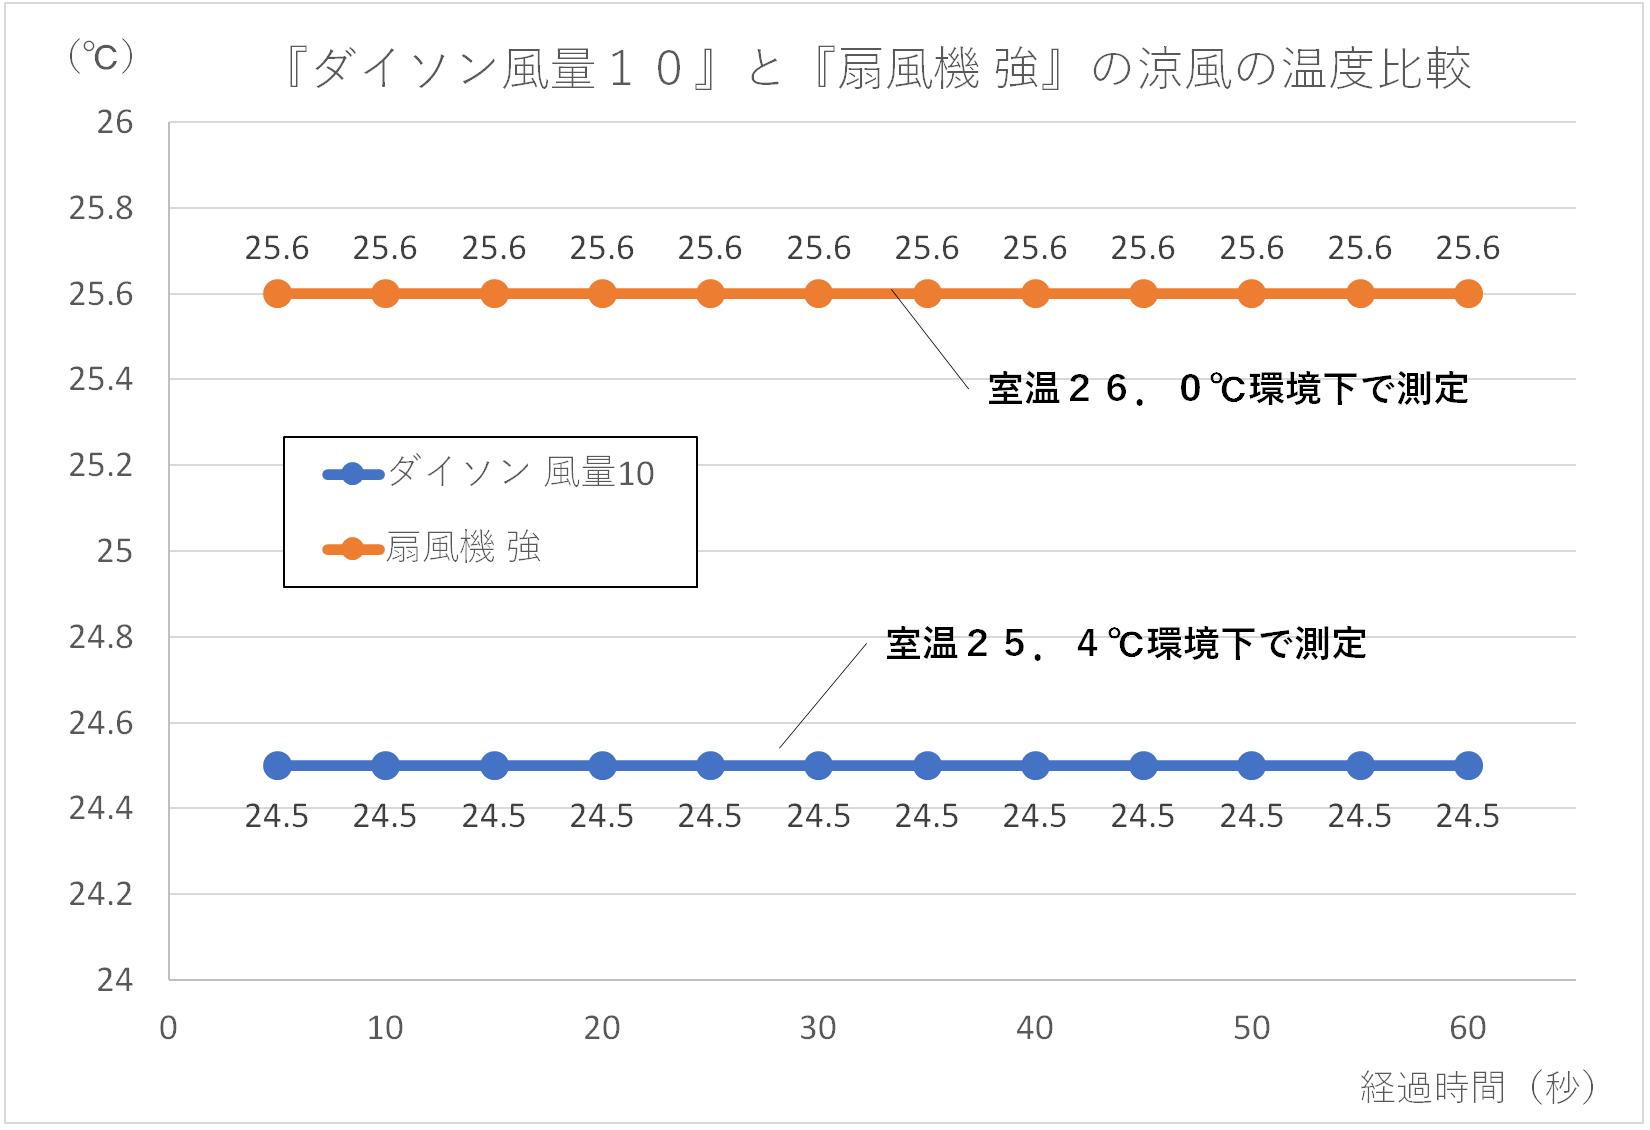 ダイソン風量10と扇風機強の風の温度を比較したグラフ